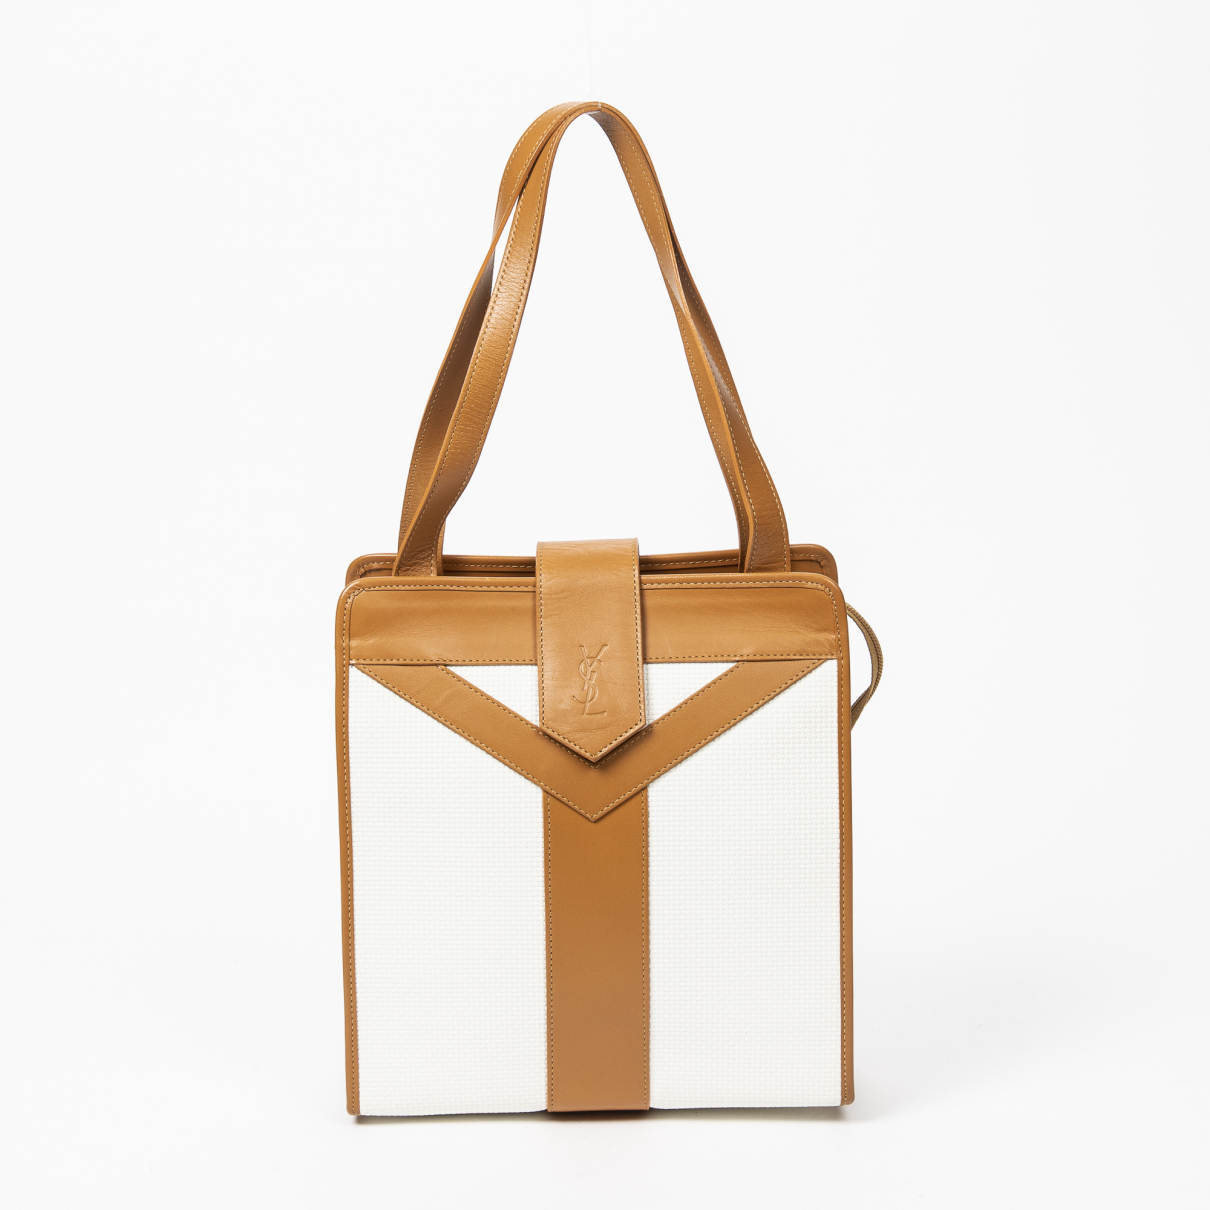 Yves Saint Laurent \N Multicolour Leather handbag for Women \N